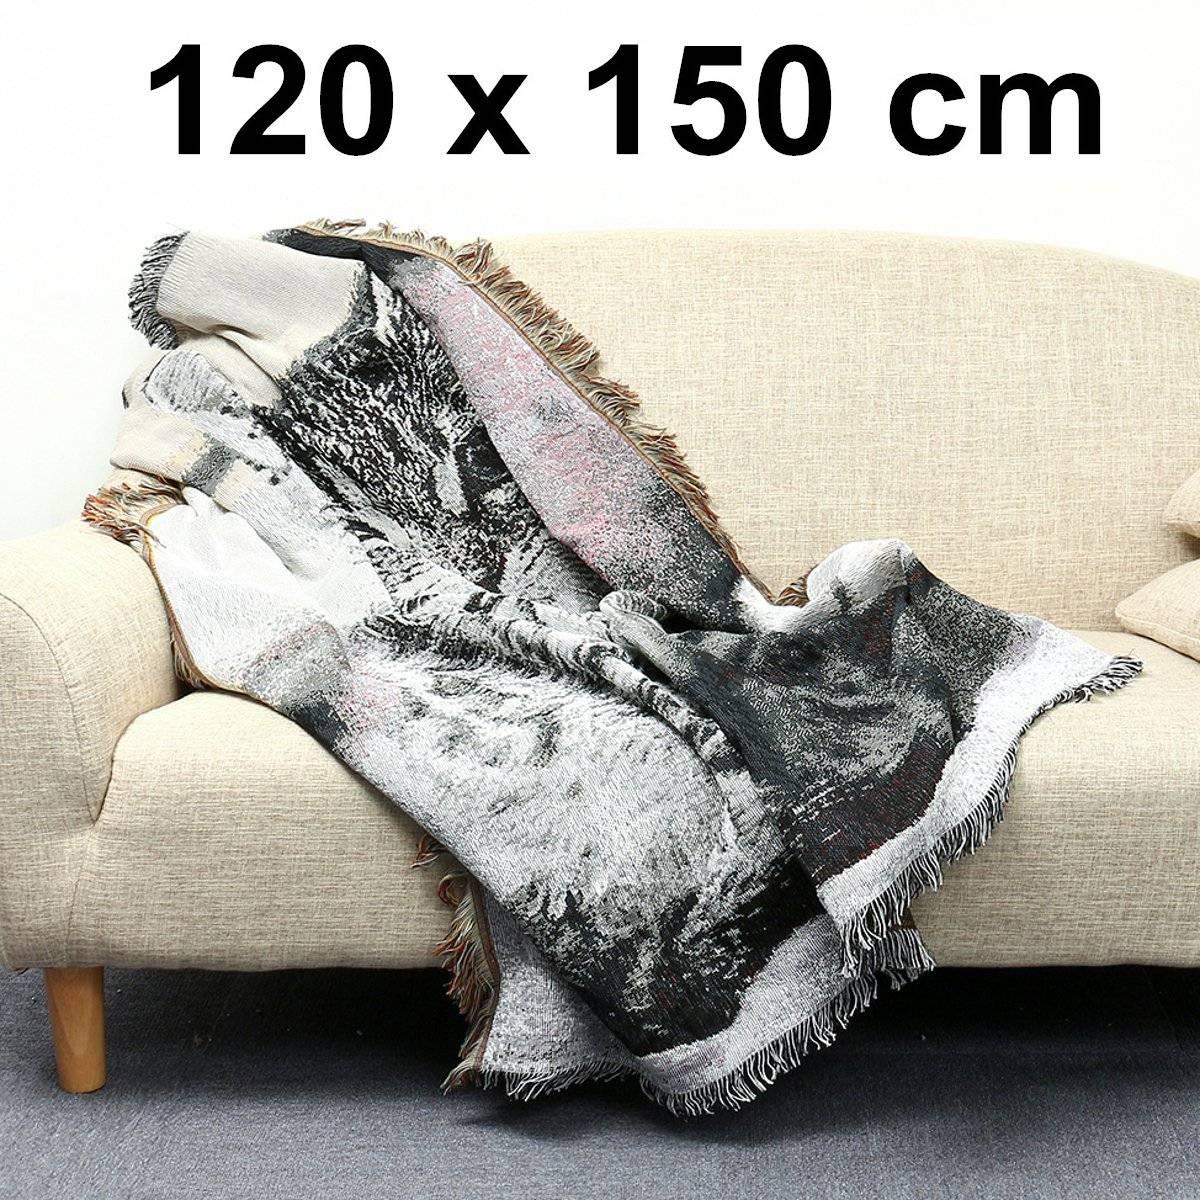 Katoen Black & White Cat Animal Patroon Stoel Sofa Gooien Covers Deken 120x150 Cm Zonden En Botten Versterken